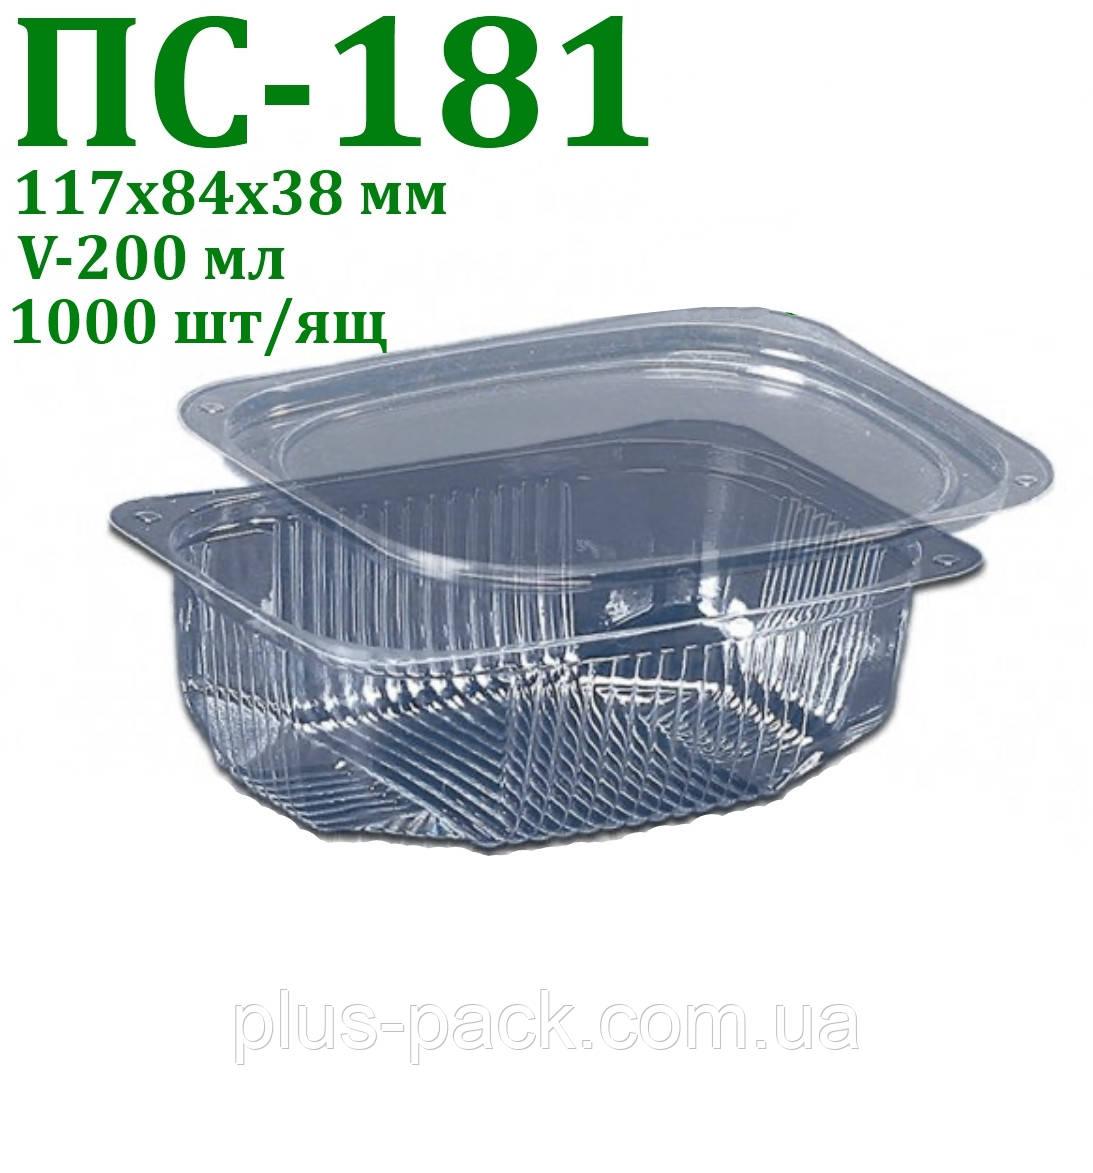 Упаковка для салатів ПС-181 (200 мл) 1000шт/ящ